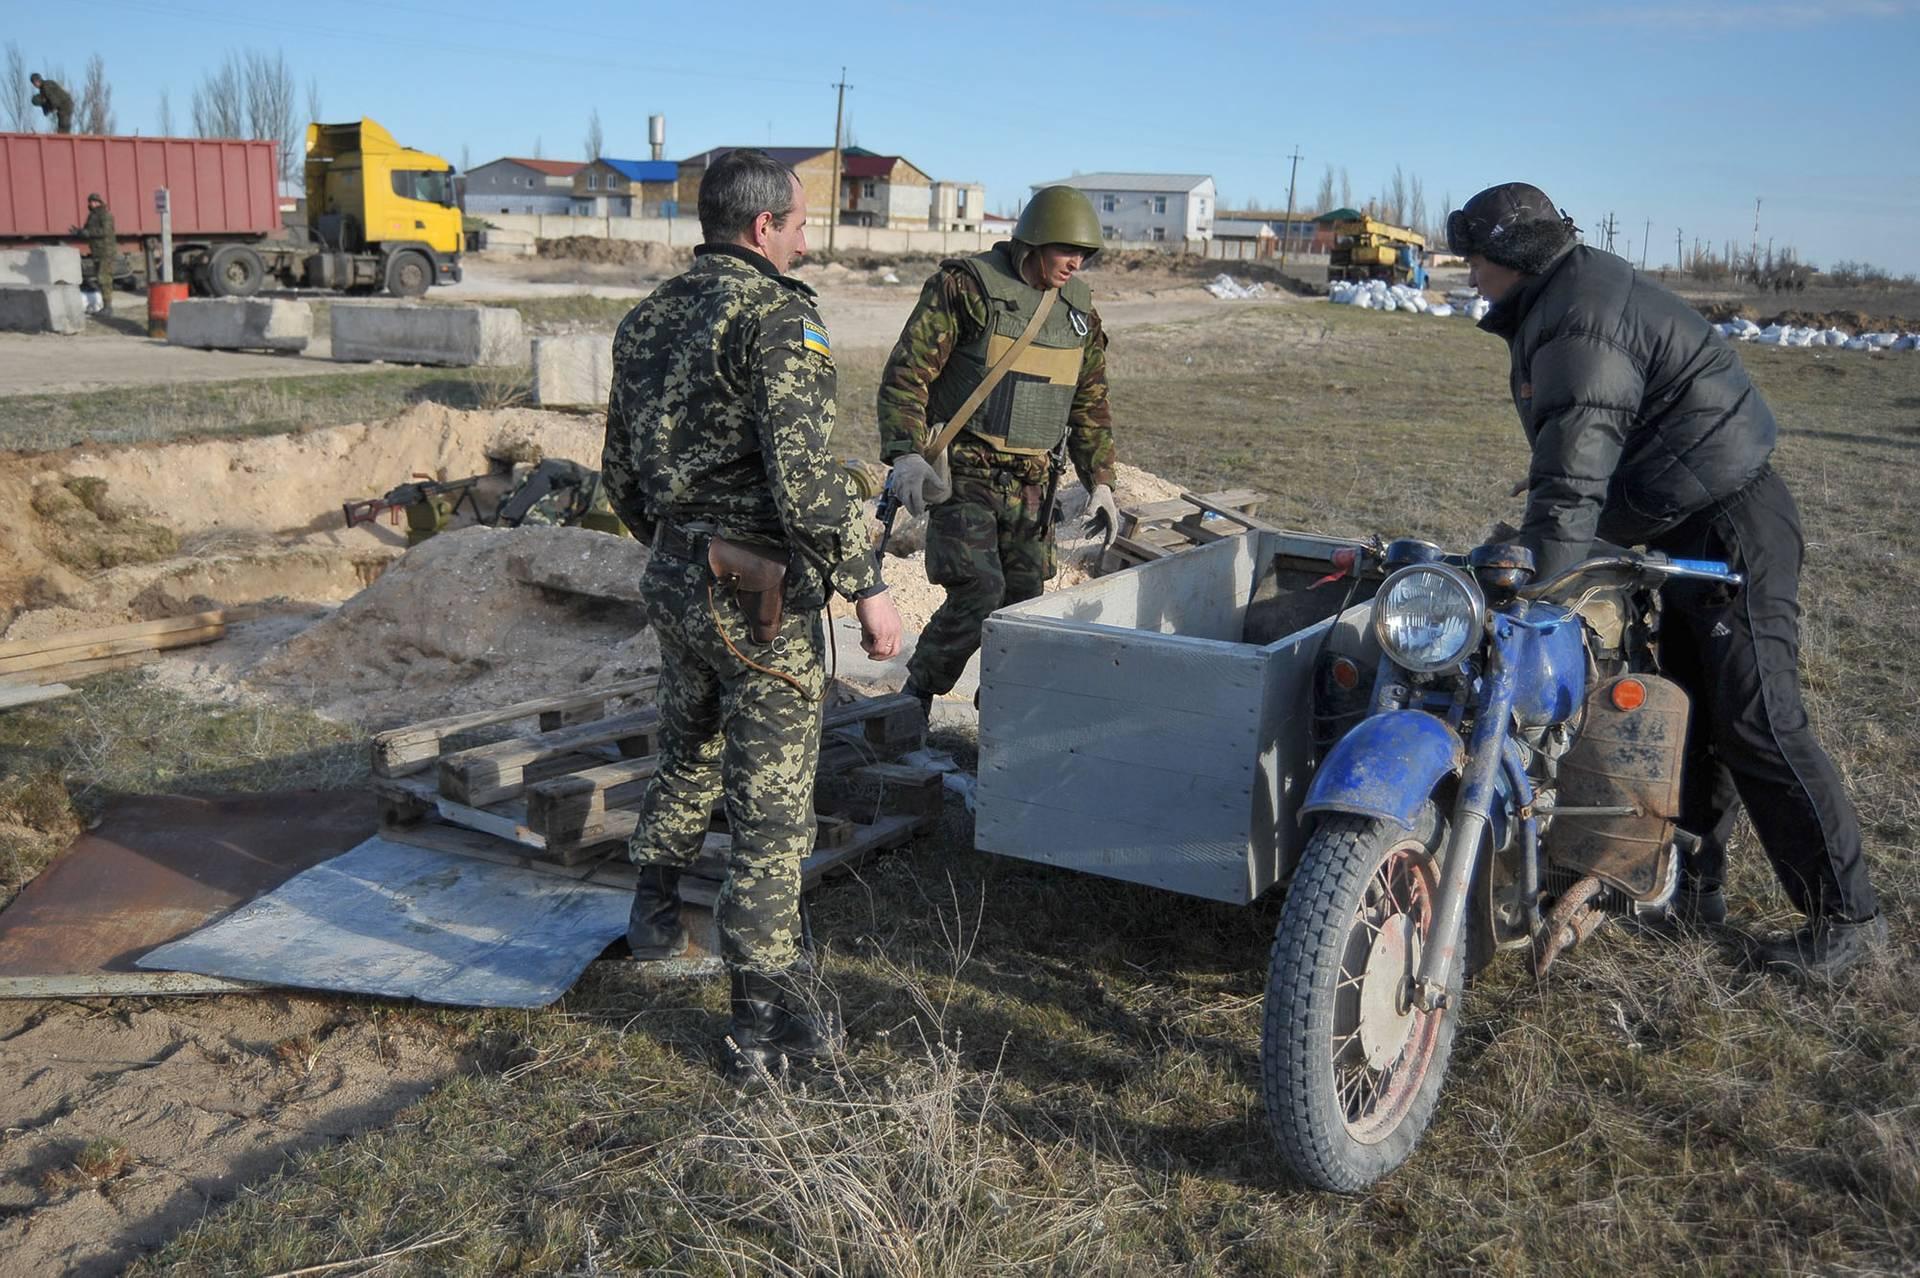 Українські прикордонники укріплюють позиції на Арабатській стрілці біля селища Стрілкове, Херсонська область на адмінкордоні з Кримом, 17 березня 2014 року